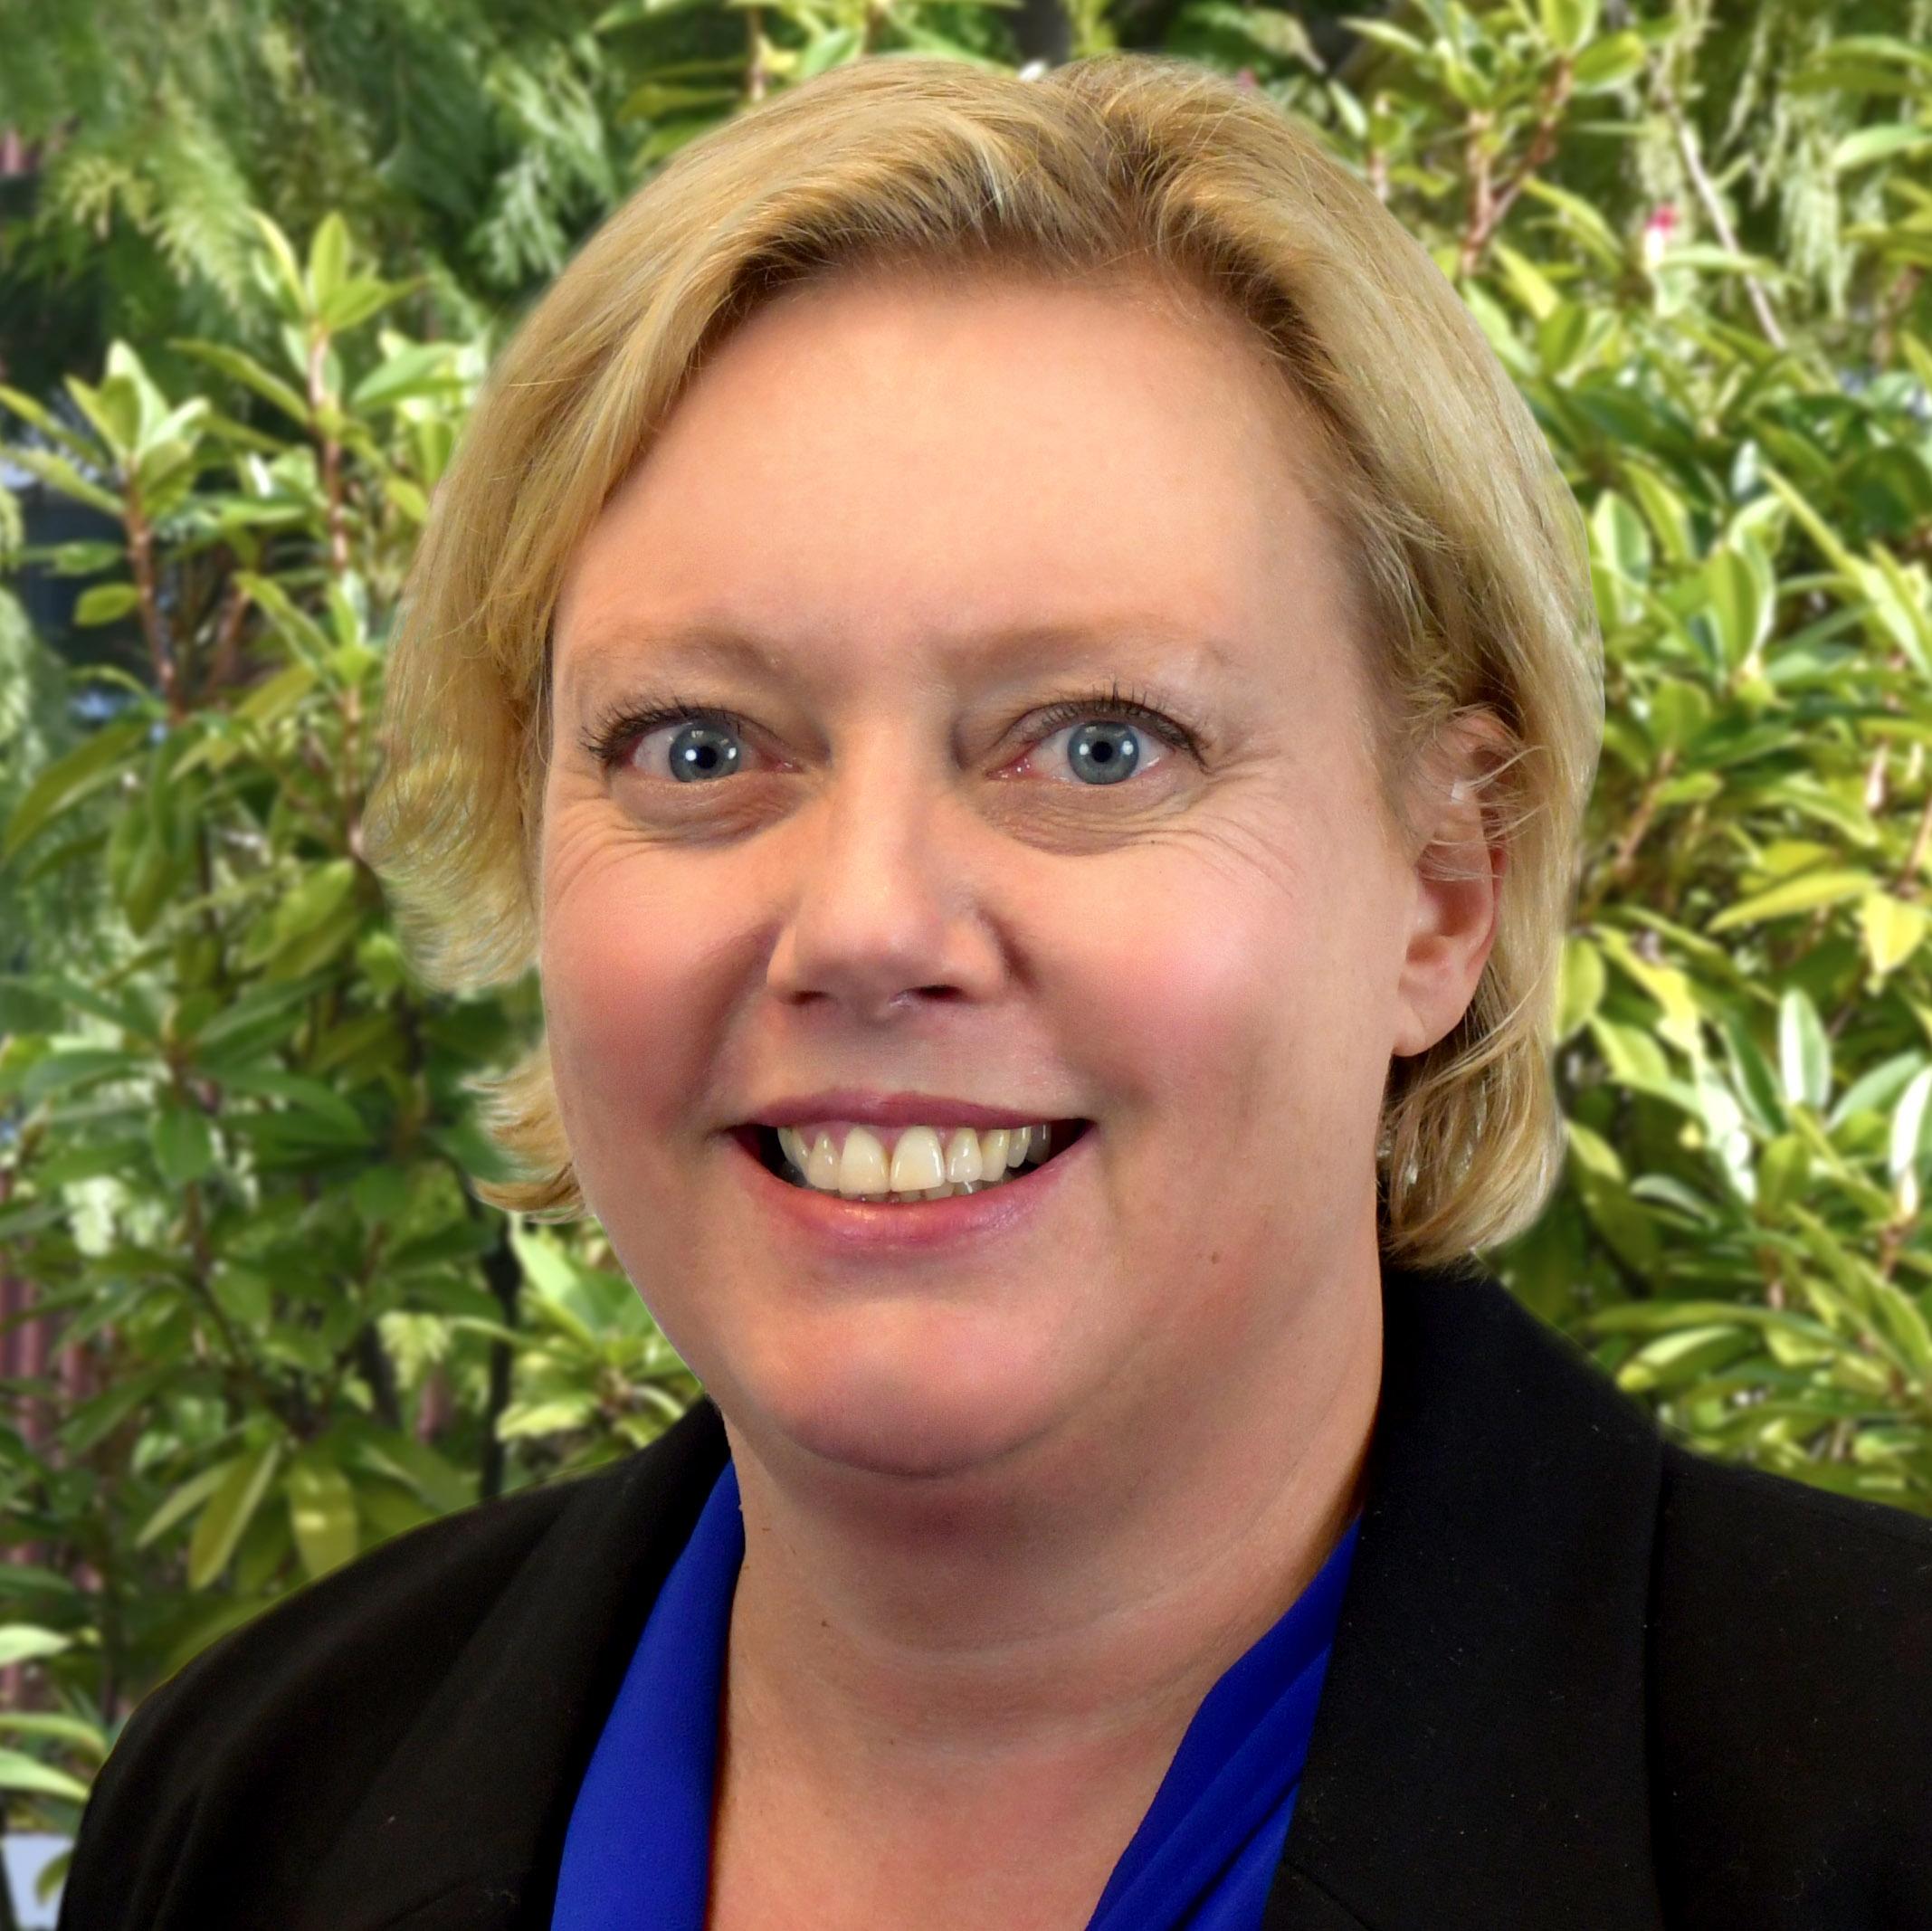 Brenda Wiest